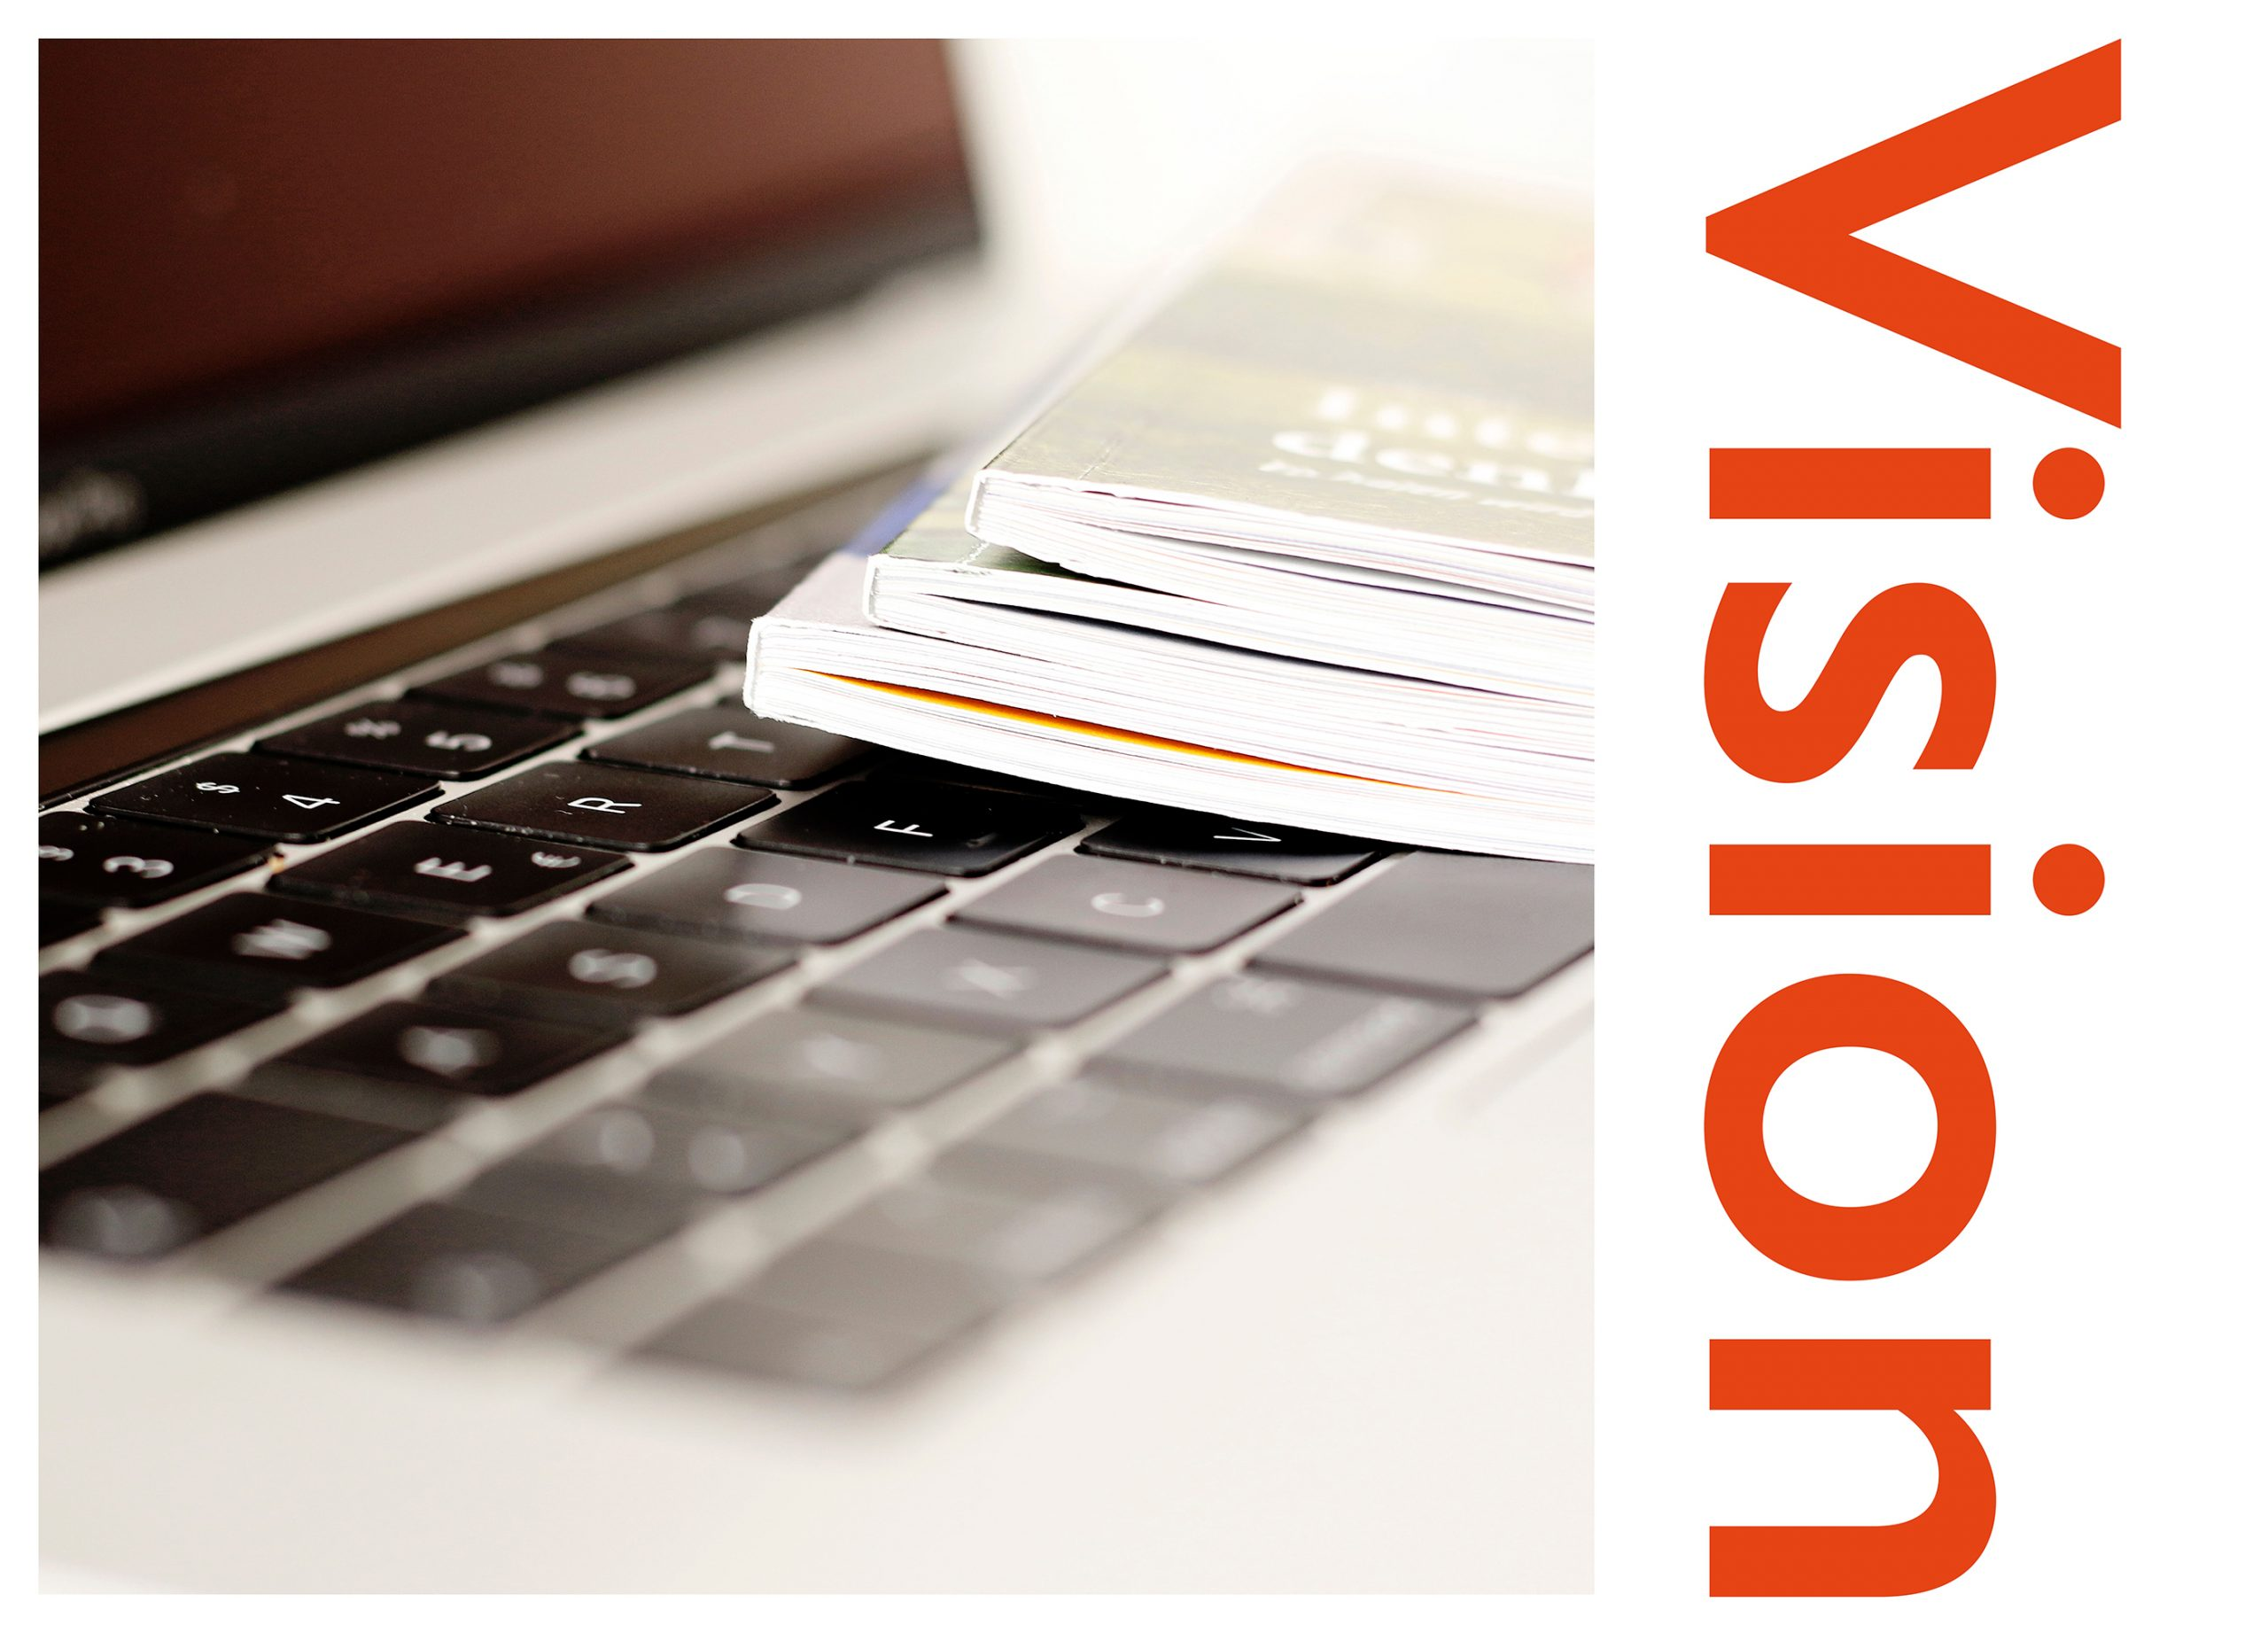 Die Vision: Kreiere dein einzigartiges und einprägsames Busnest-Magazin zu deinem Herzensbusiness, als Portfolio oder zum Überzeugen von Kund:innen